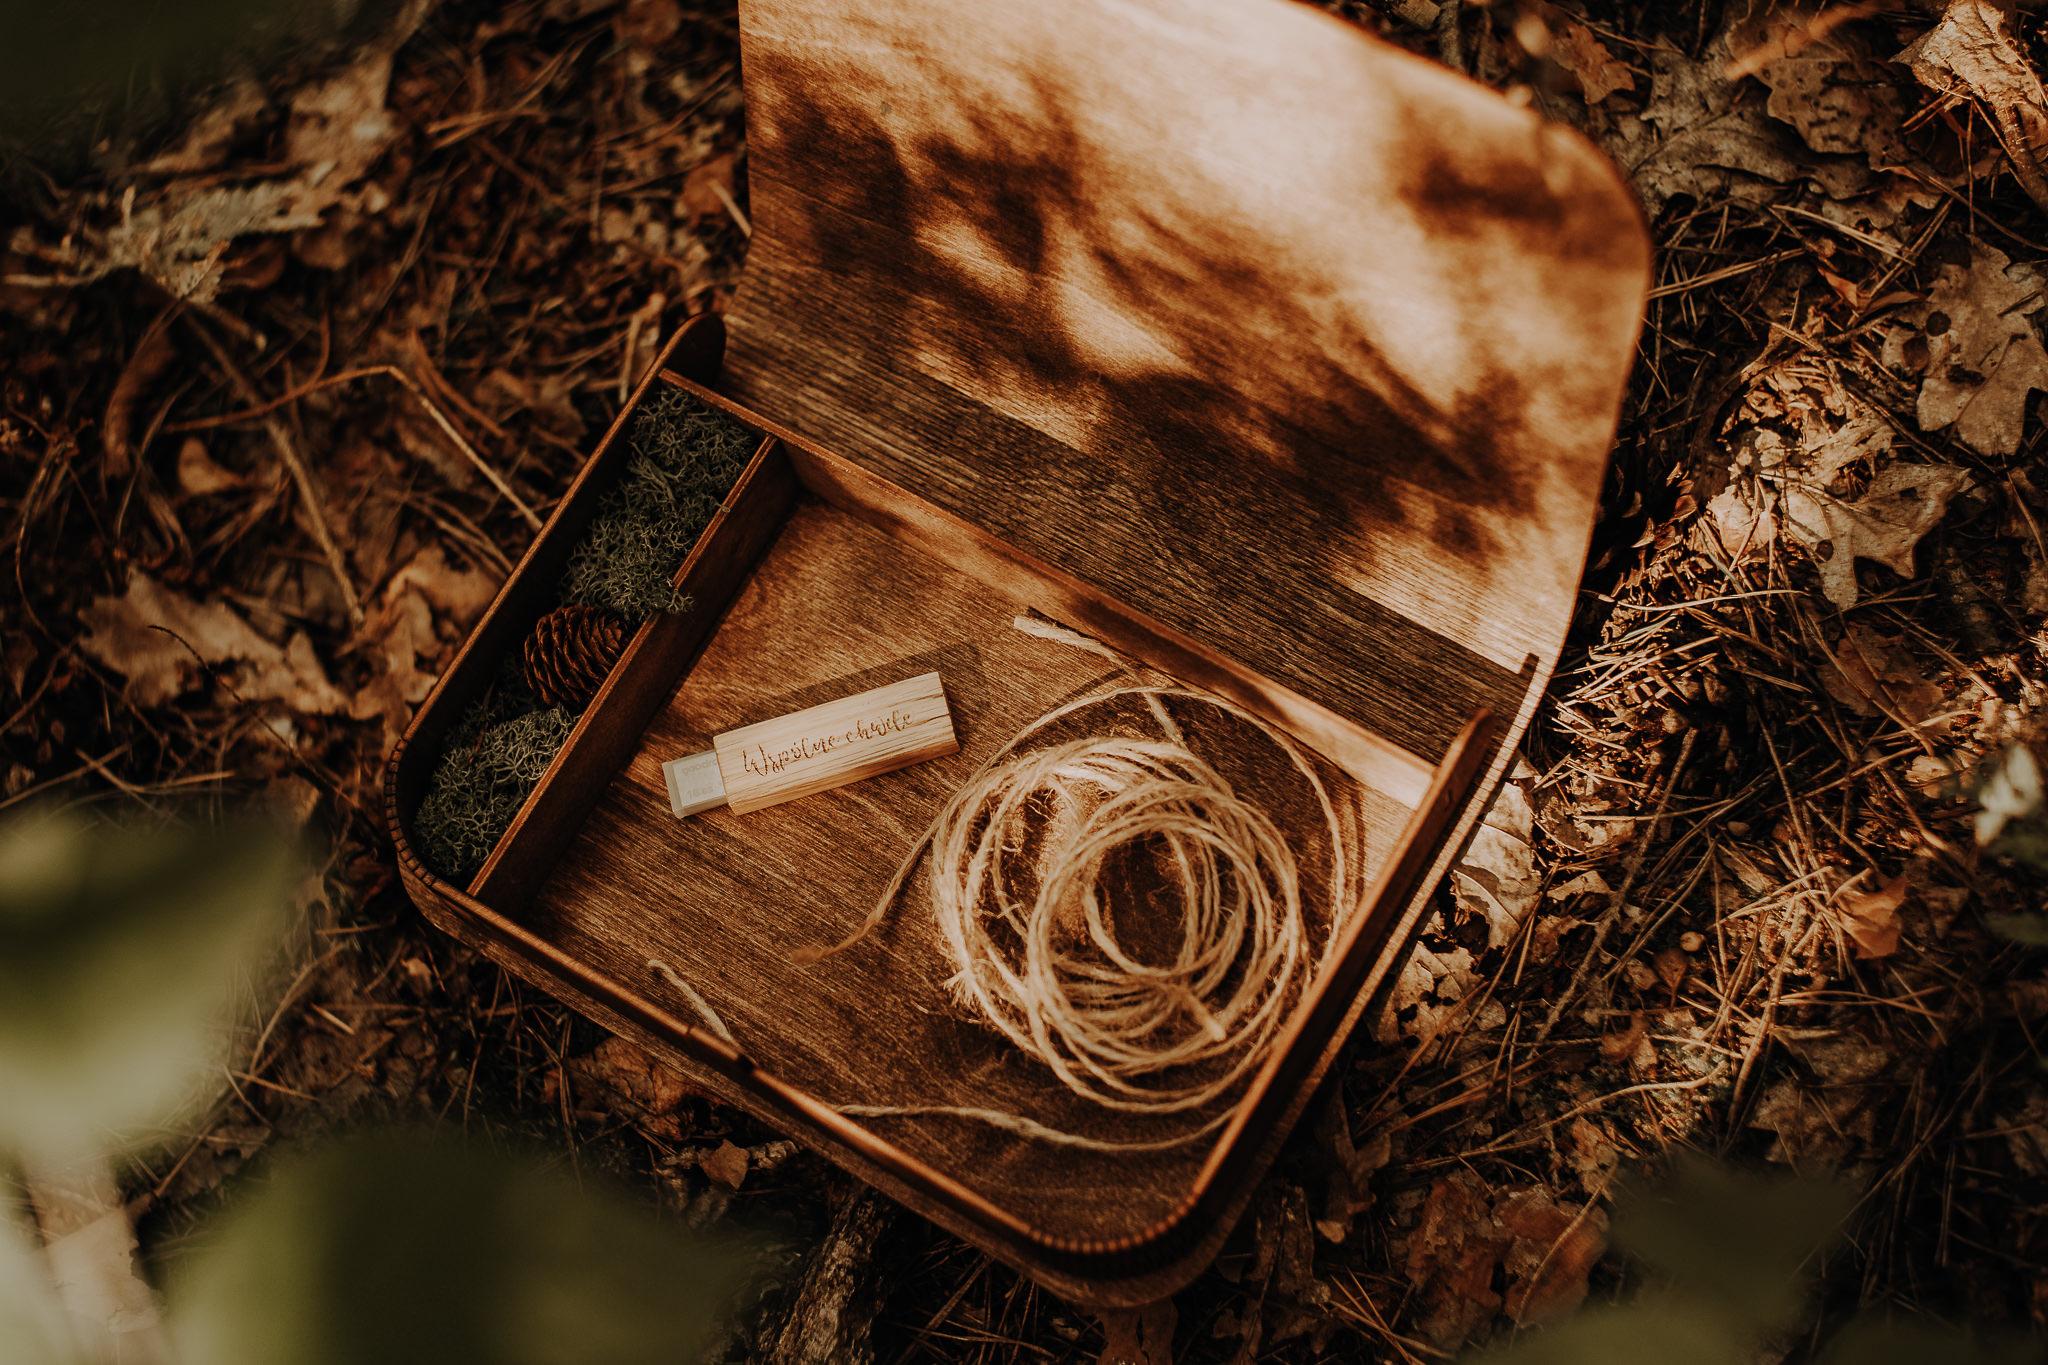 Zdjecia-w-drewnianym-pudelku-orlowski-photo-zdjecie-00006